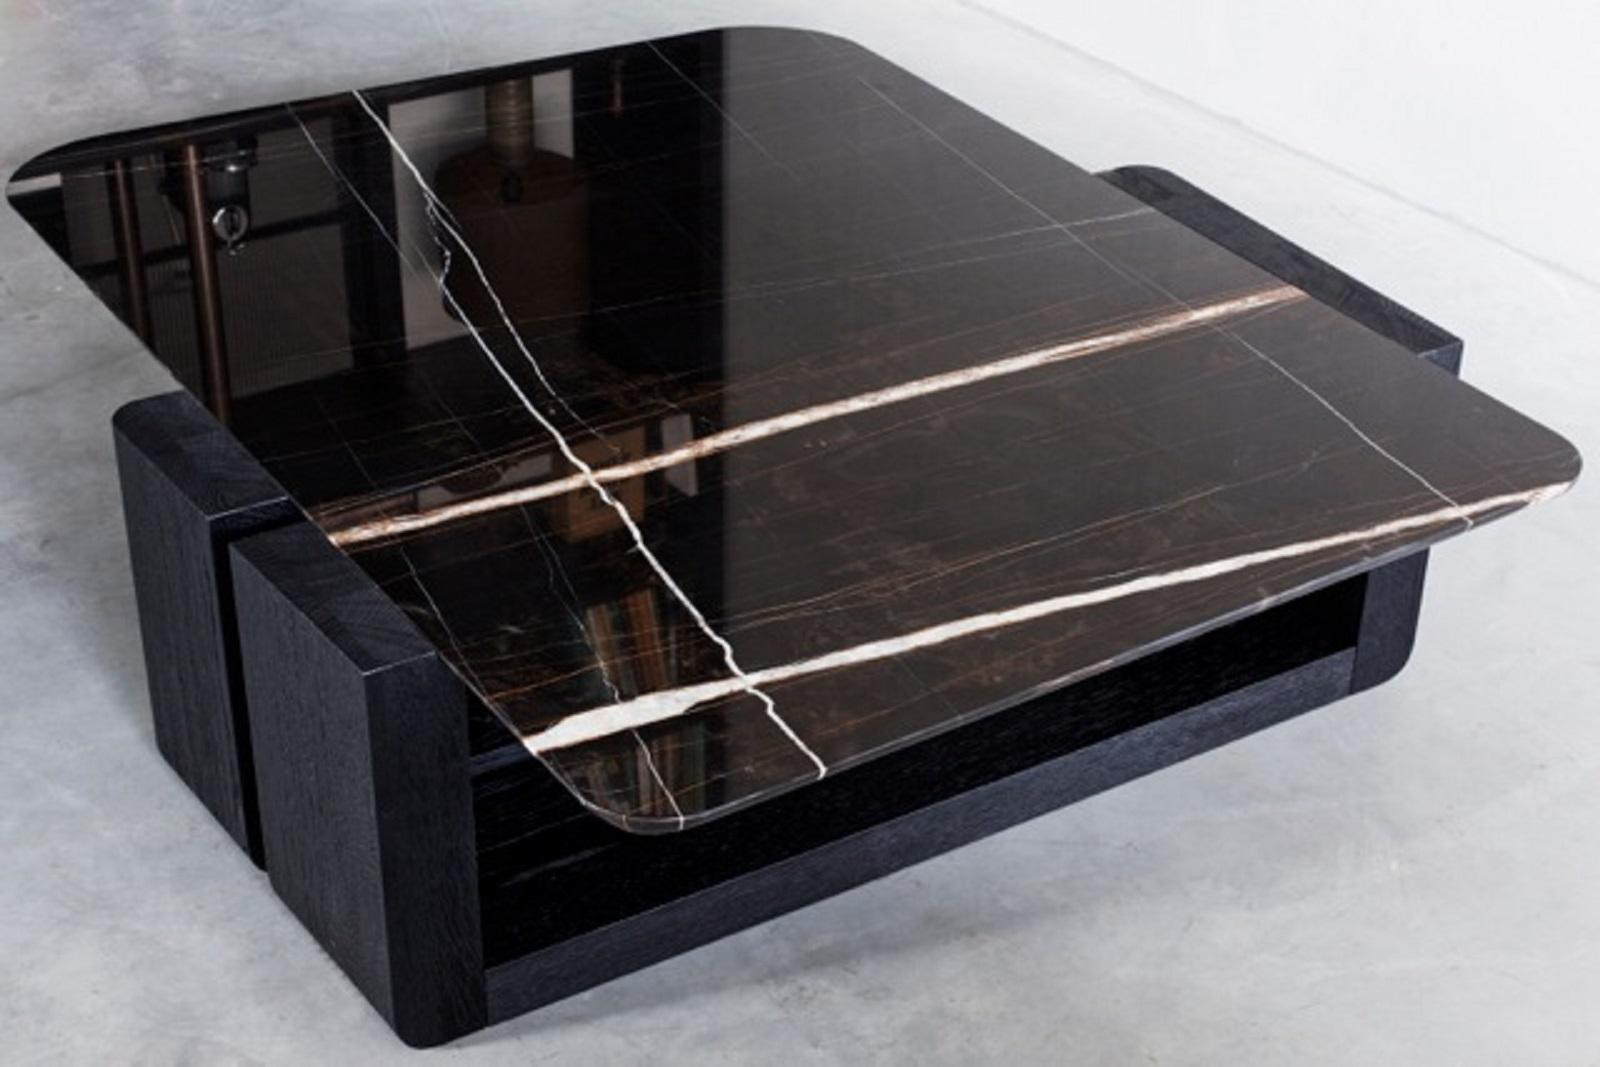 Kitale cocktail table (8) groot.jpg